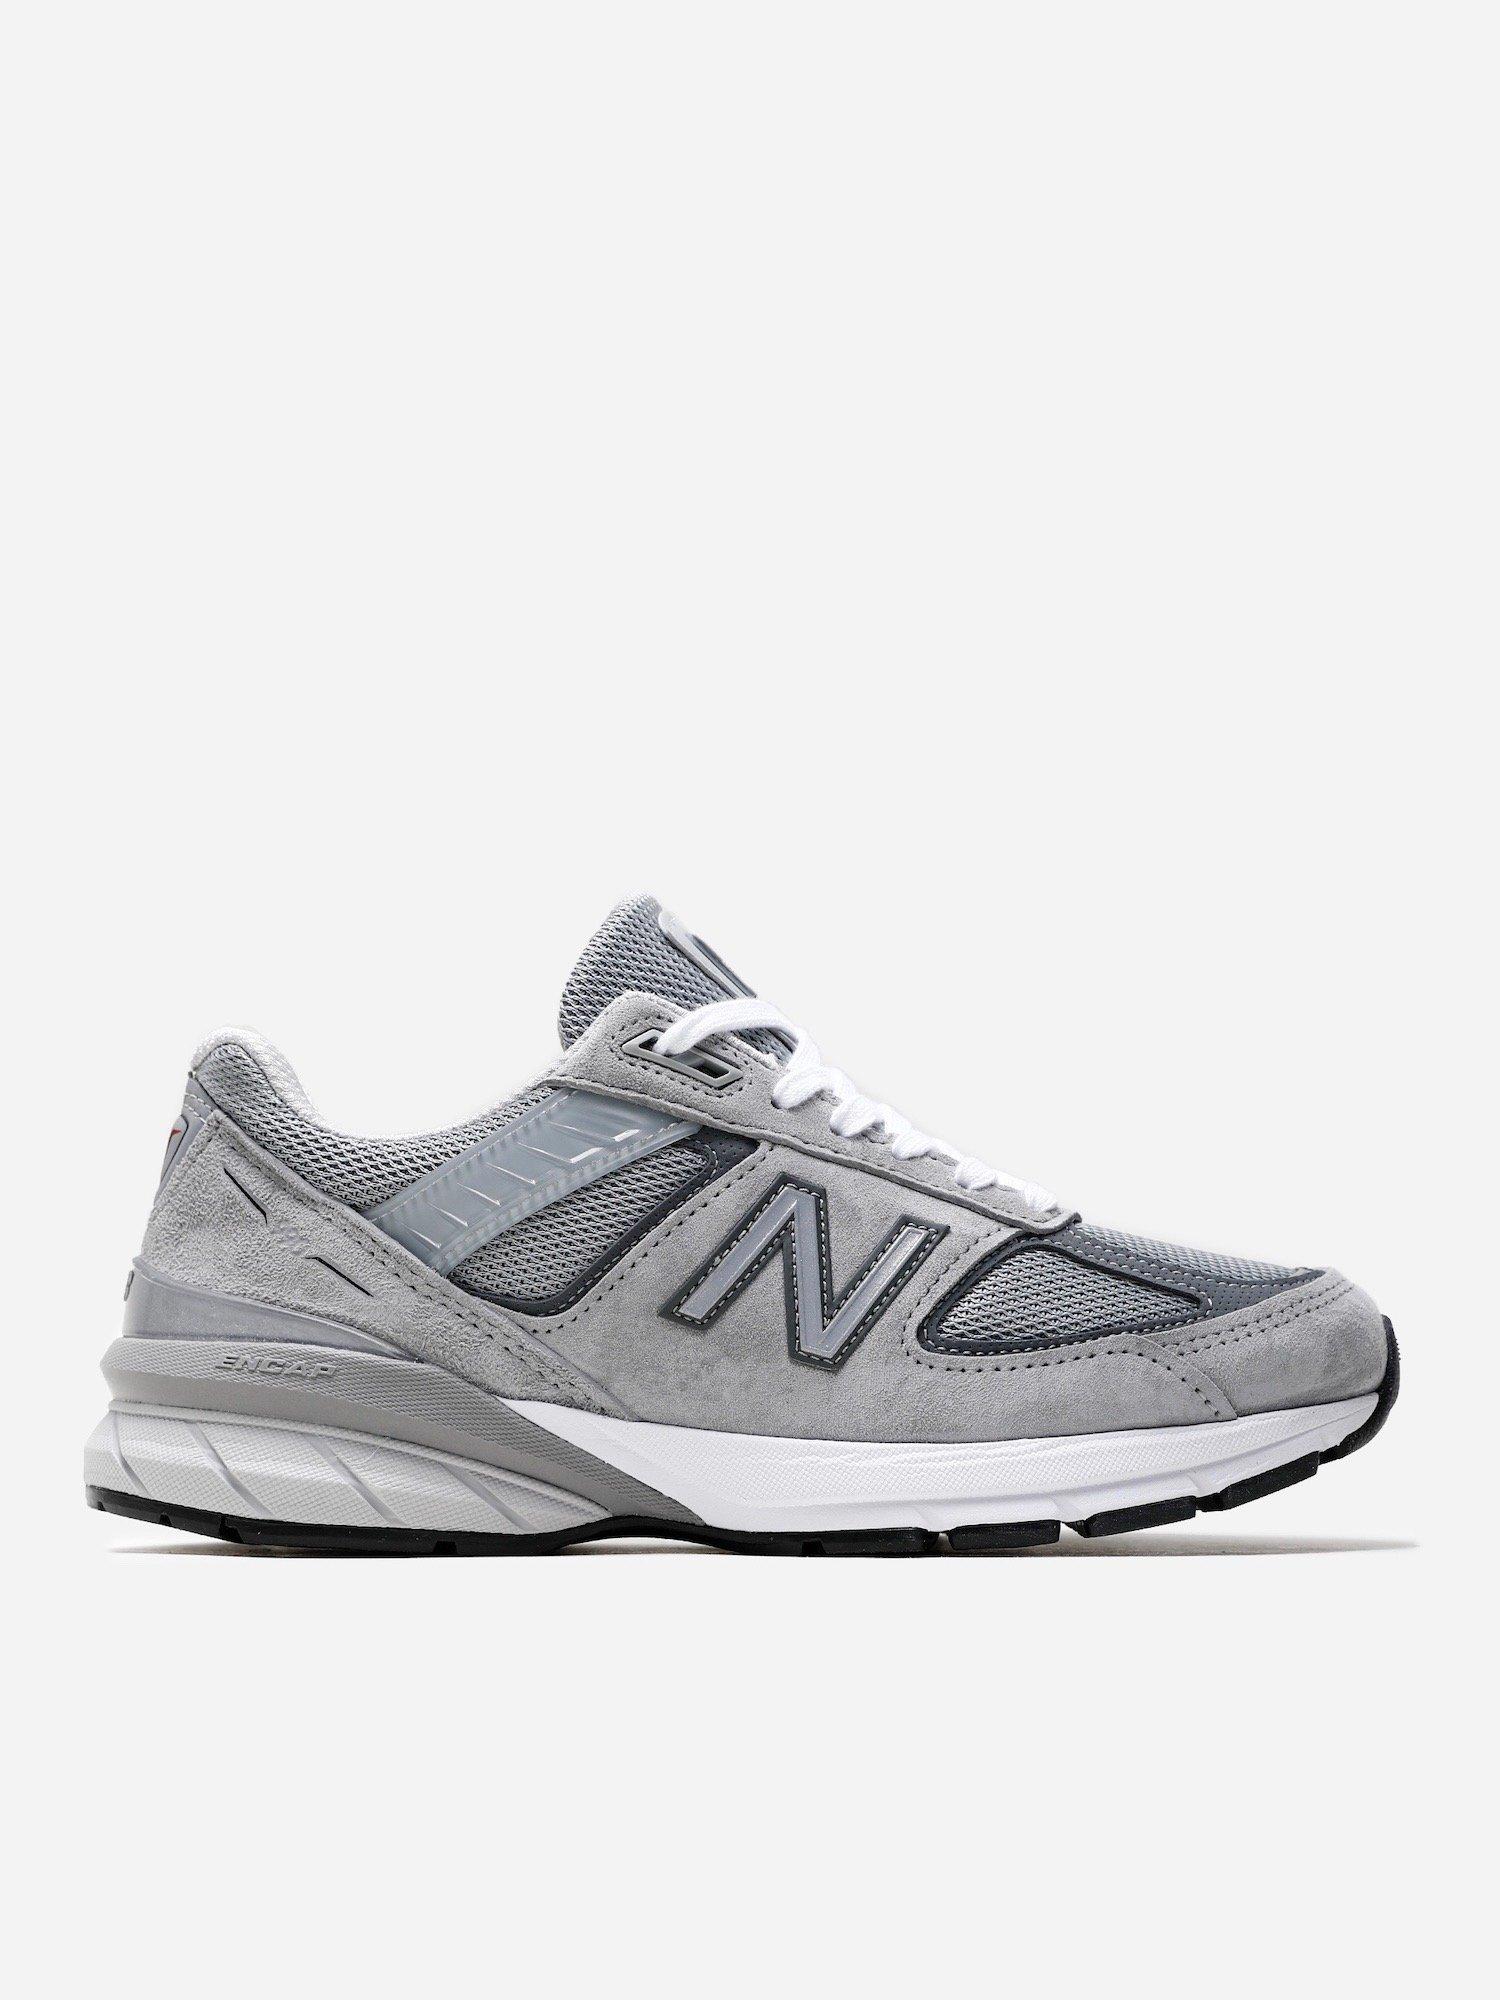 Sneakers 2 2020